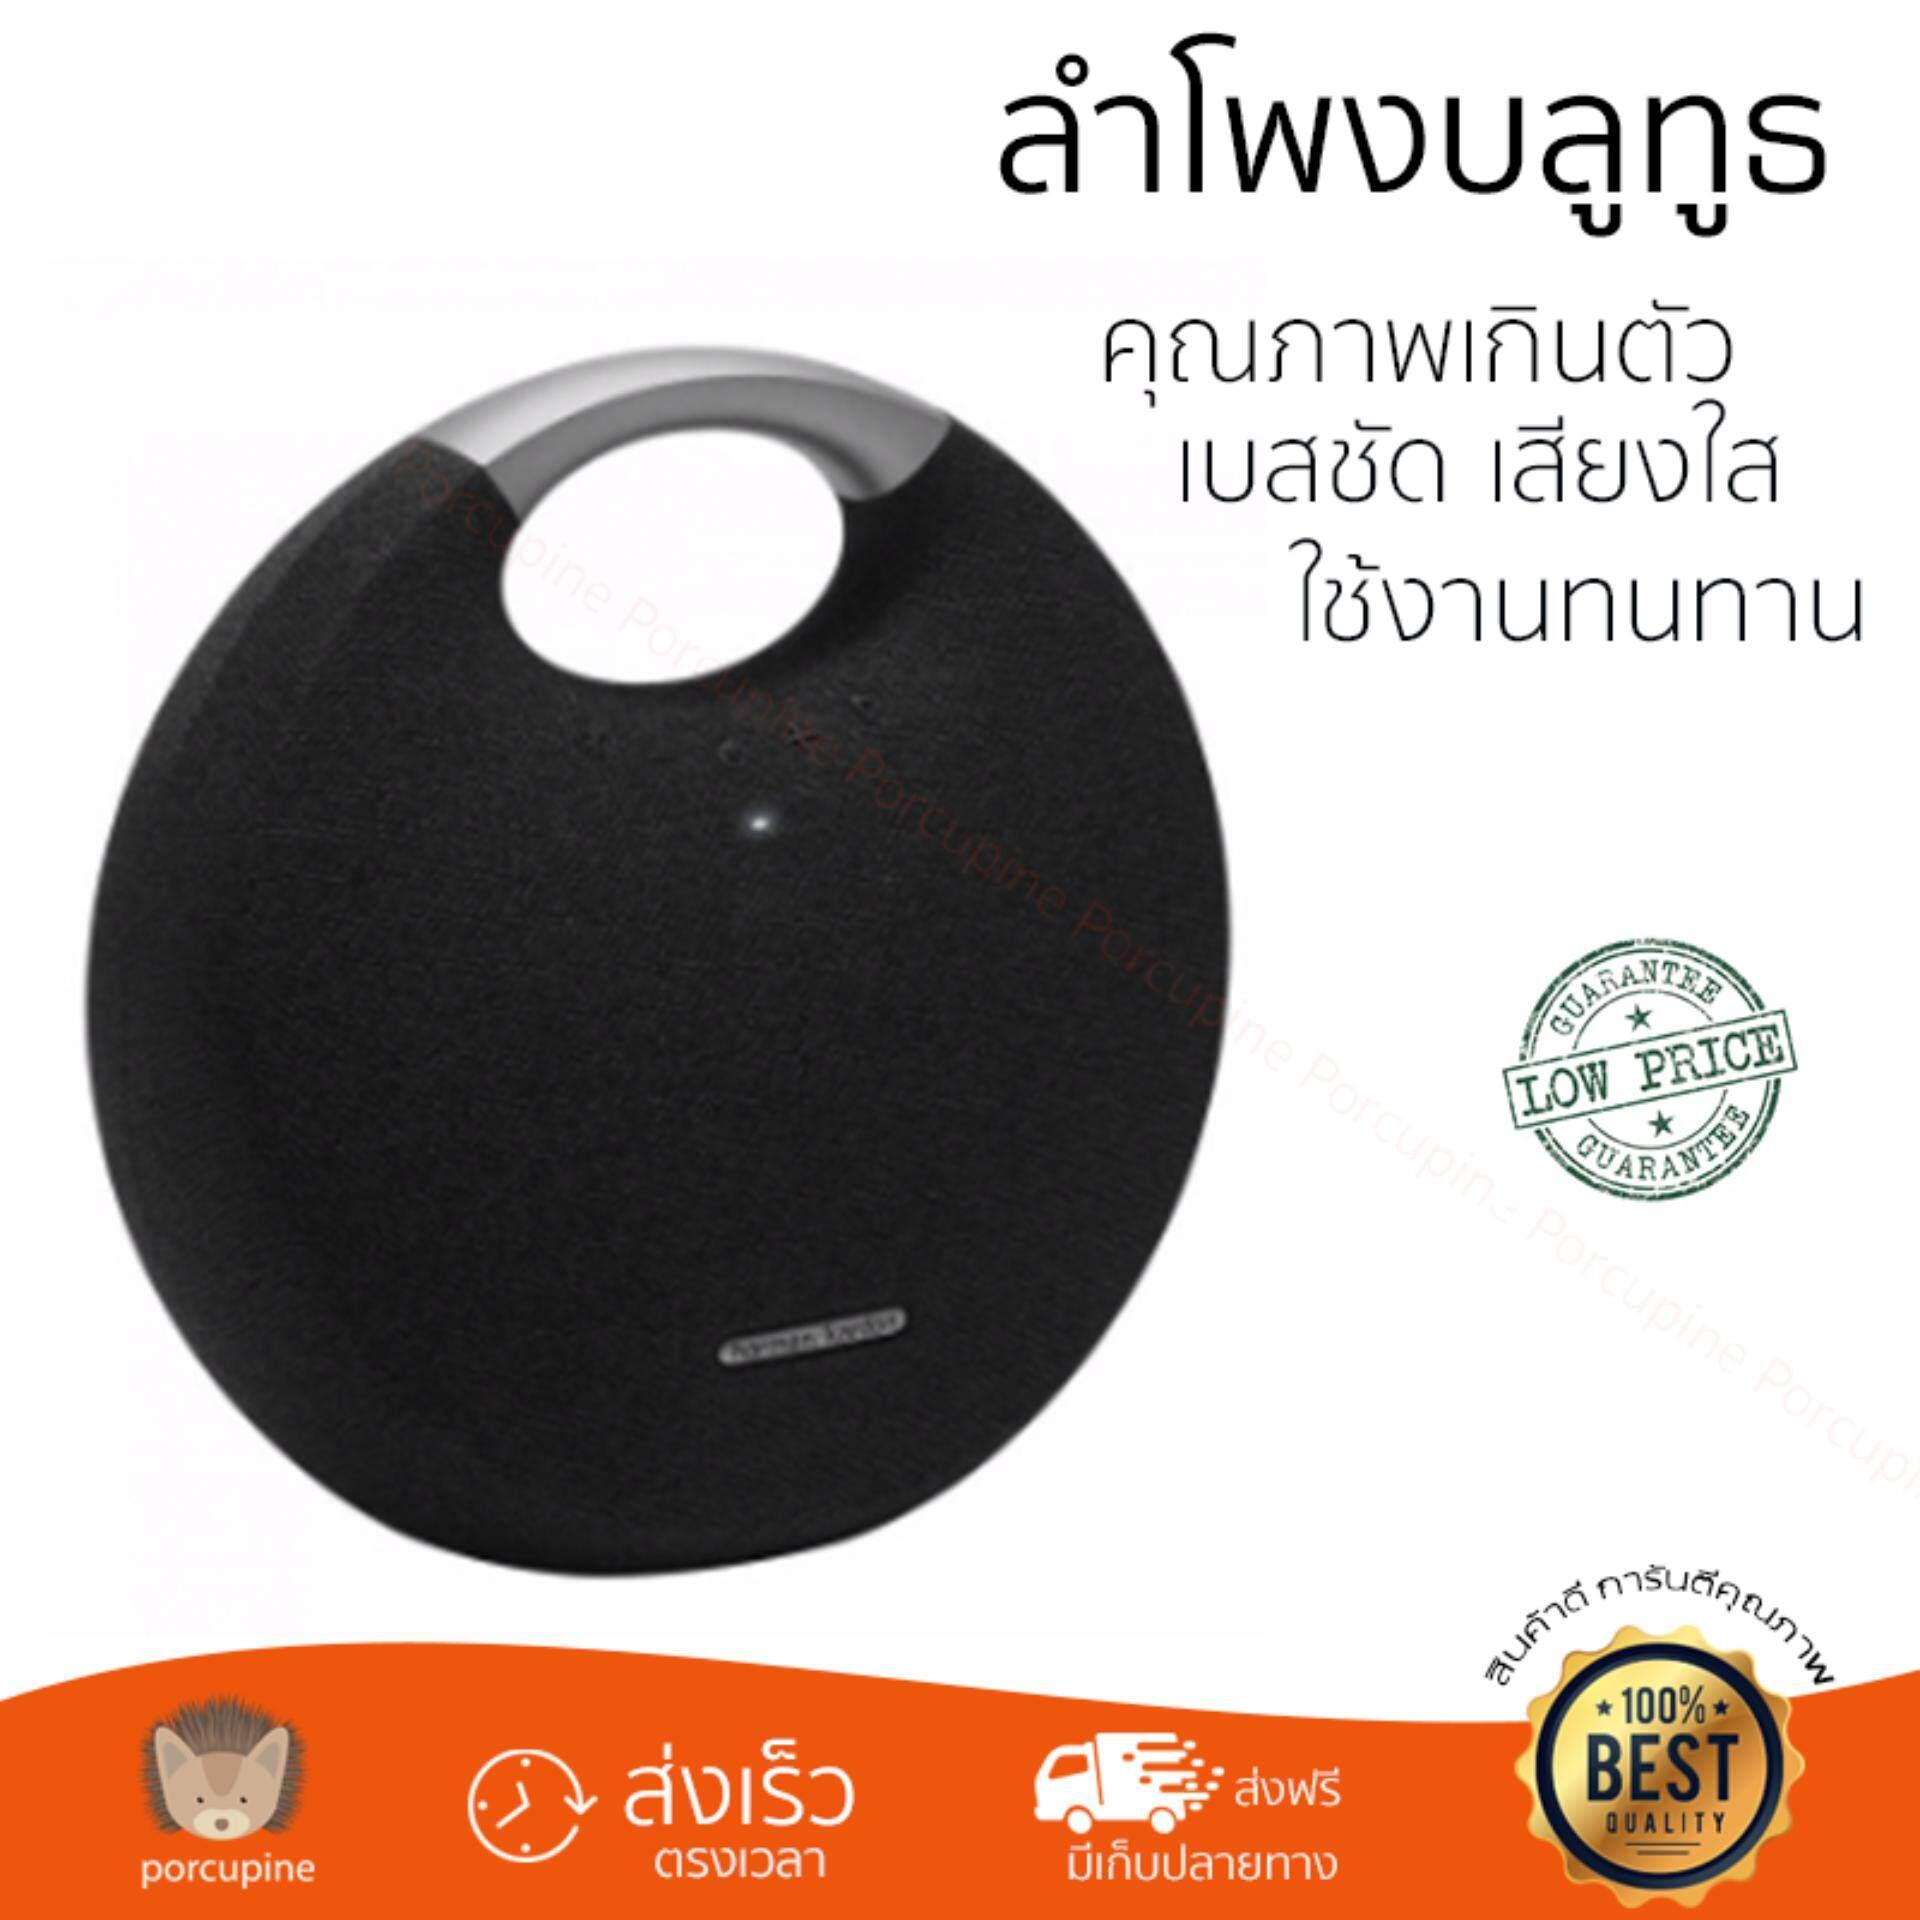 ยี่ห้อไหนดี  สกลนคร จัดส่งฟรี ลำโพงบลูทูธ  Harman Kardon Bluetooth Speaker 2.1 Onyx Studio 5 Black เสียงใส คุณภาพเกินตัว Wireless Bluetooth Speaker รับประกัน 1 ปี